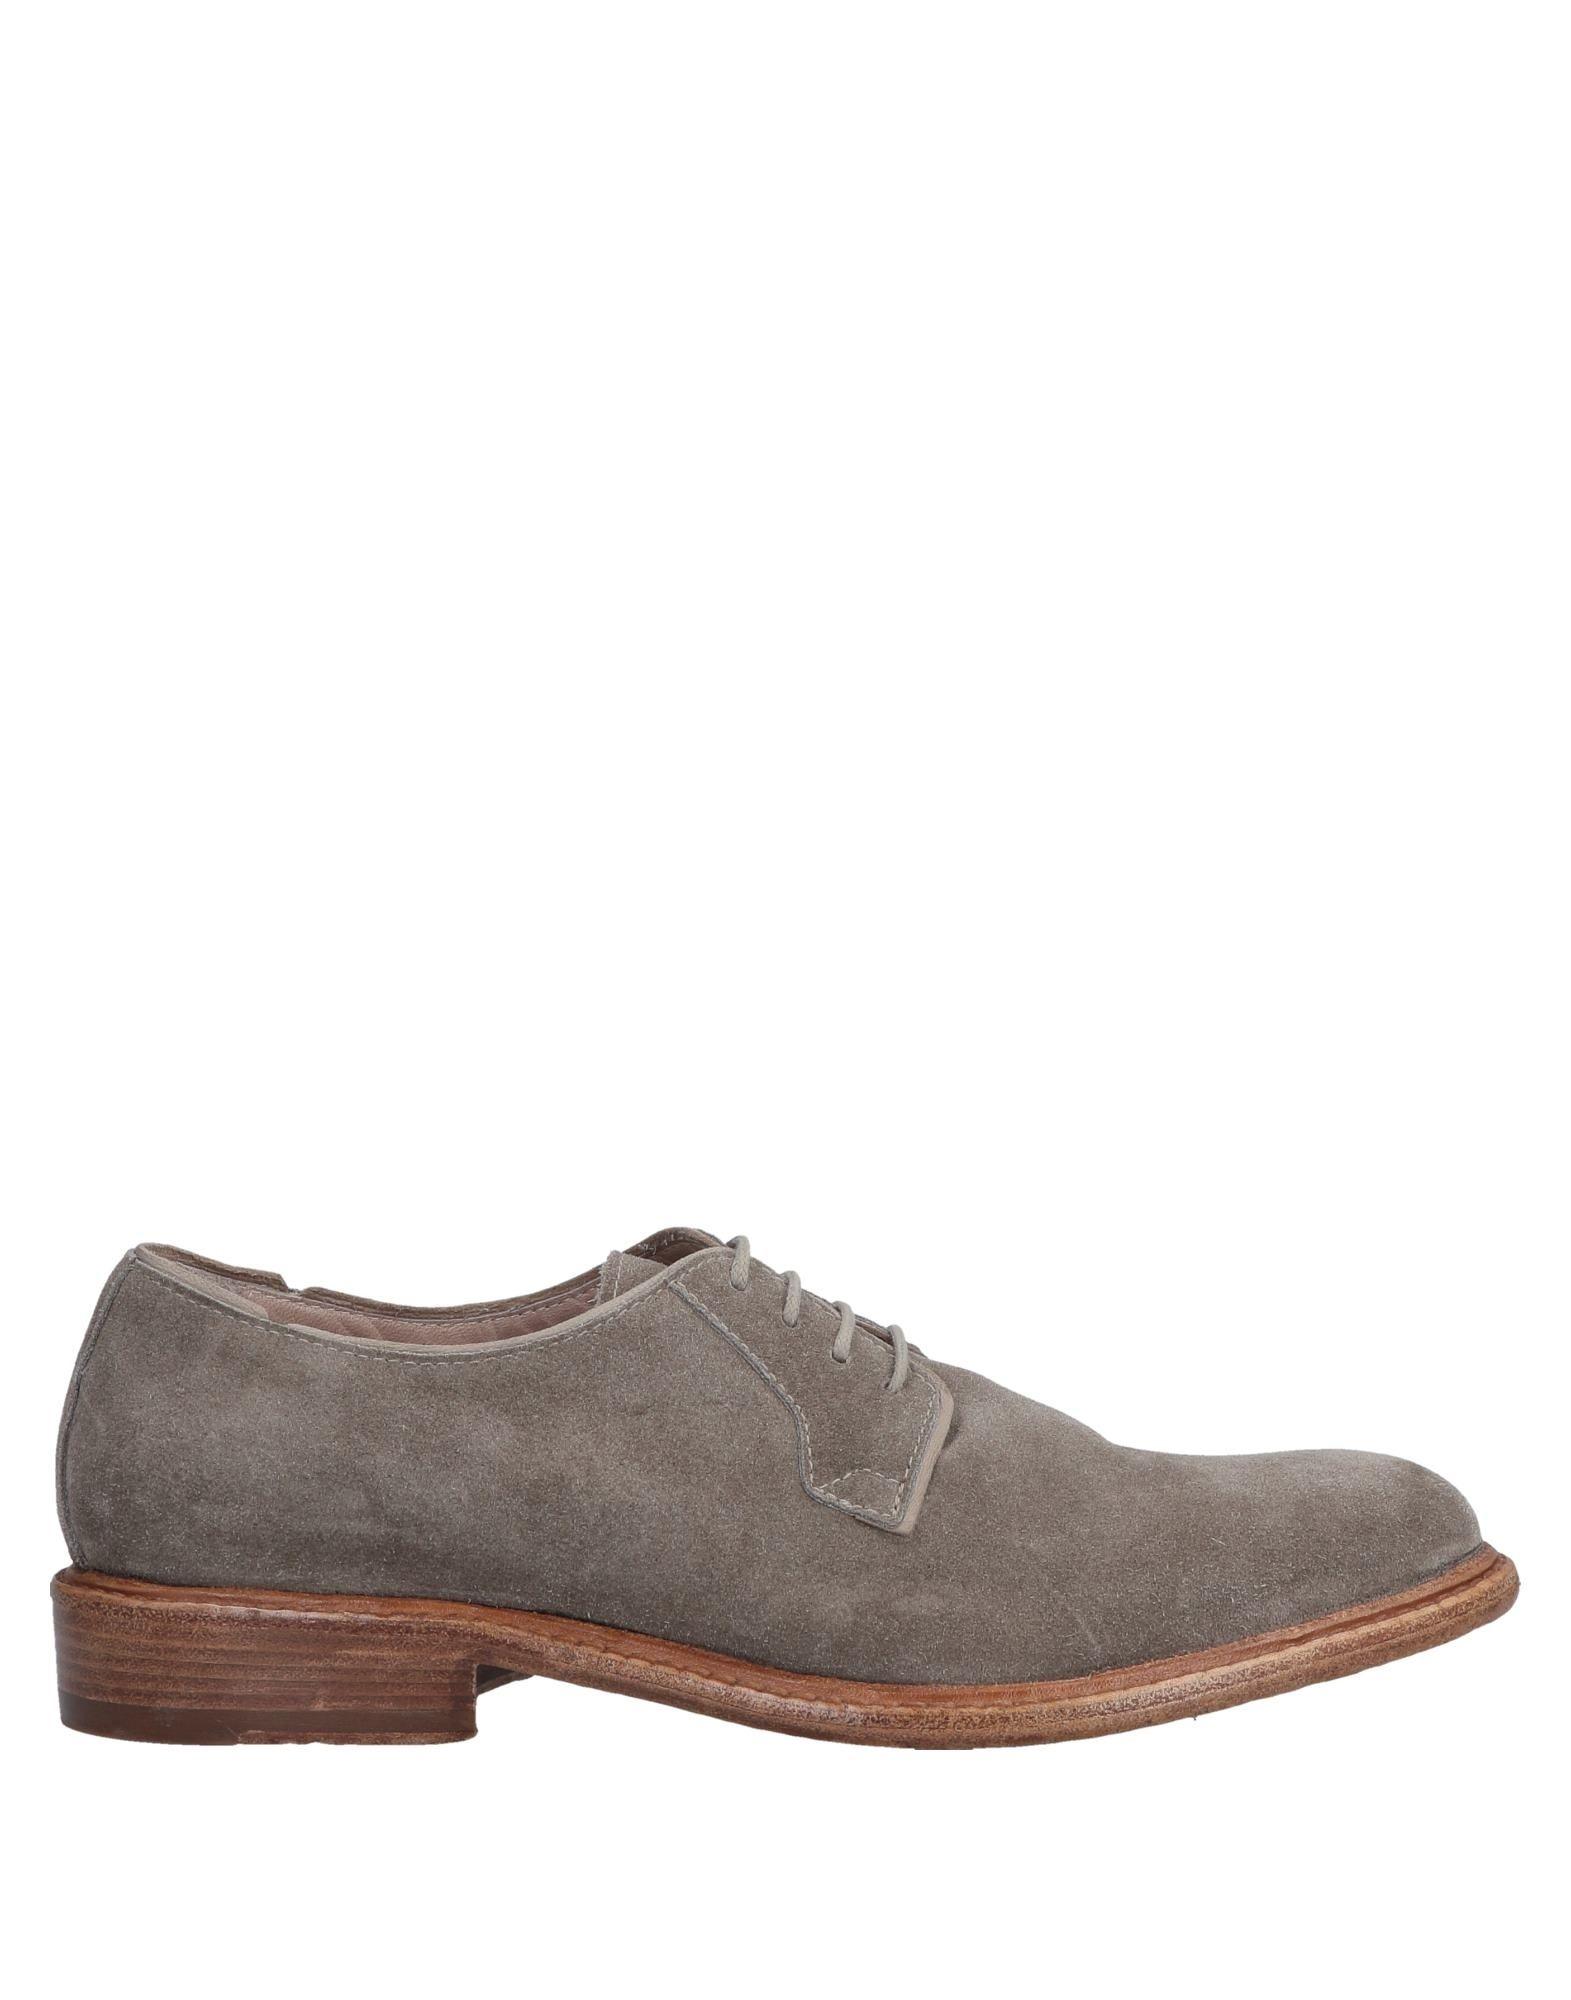 Фото - KINGSTON Обувь на шнурках обувь на высокой платформе dkny